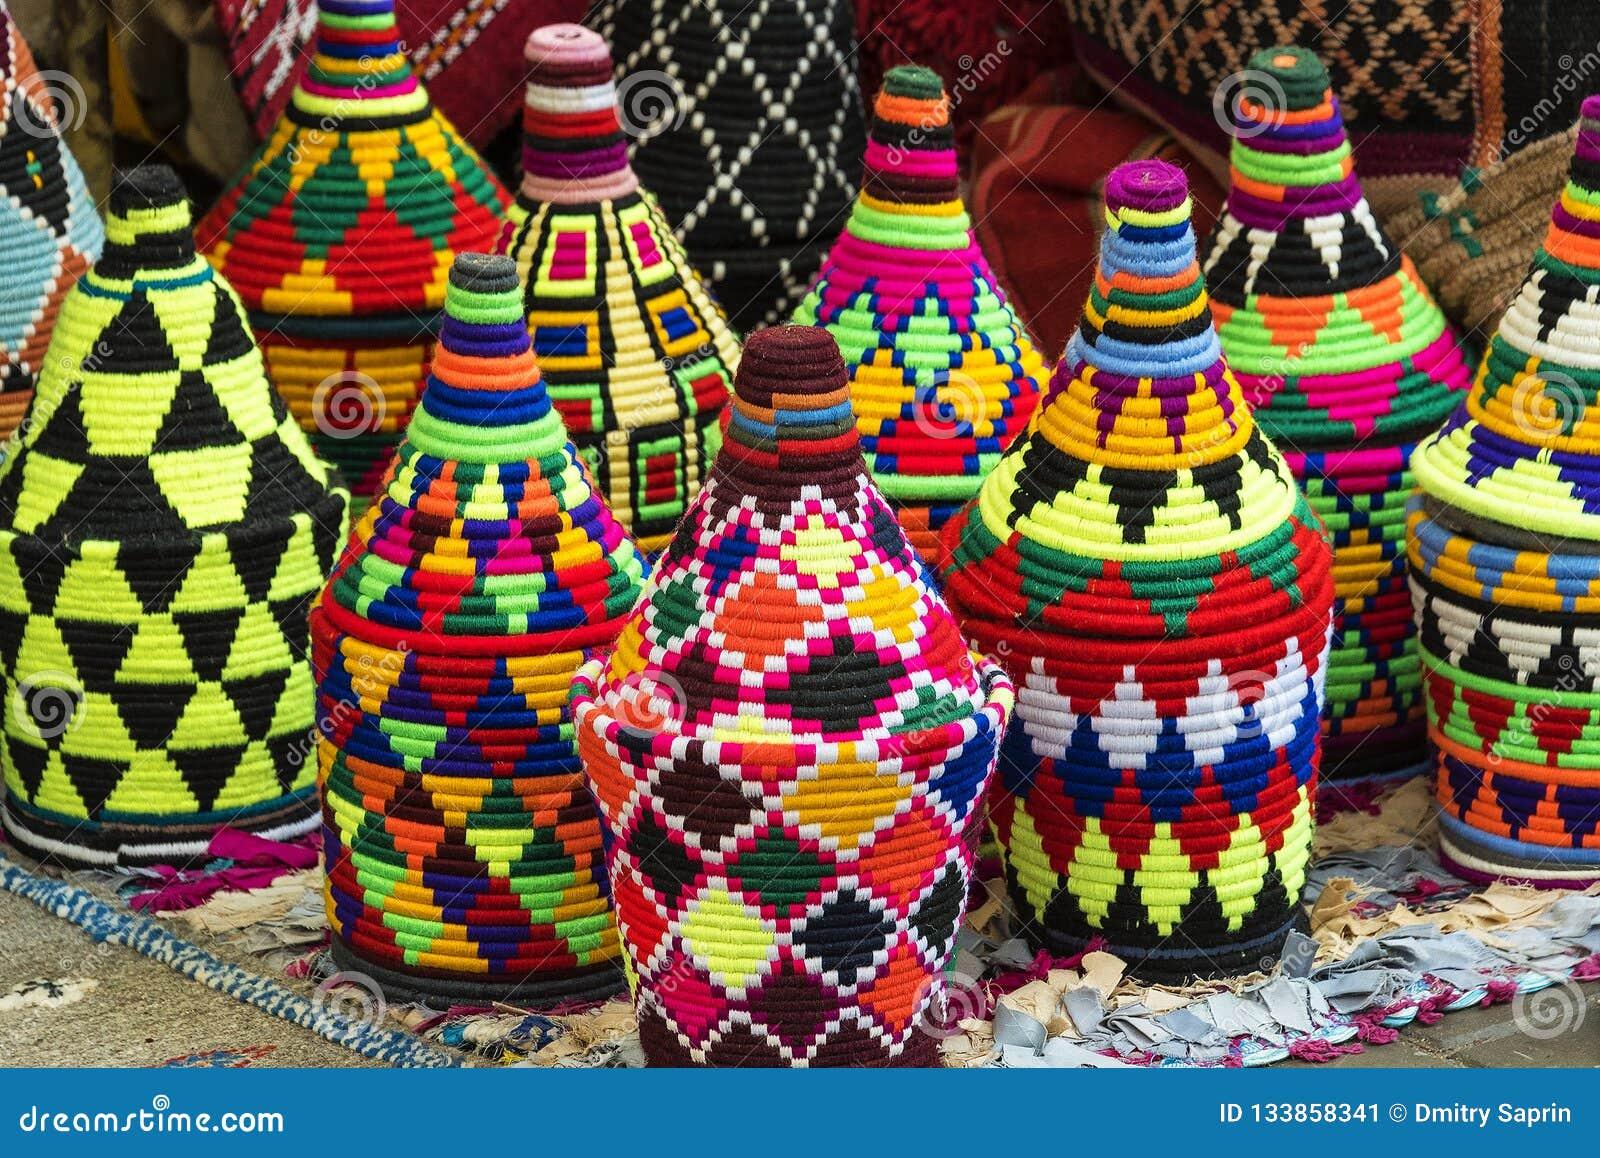 Souvenirs tissés colorés dans les modèles et les couleurs typiques à vendre